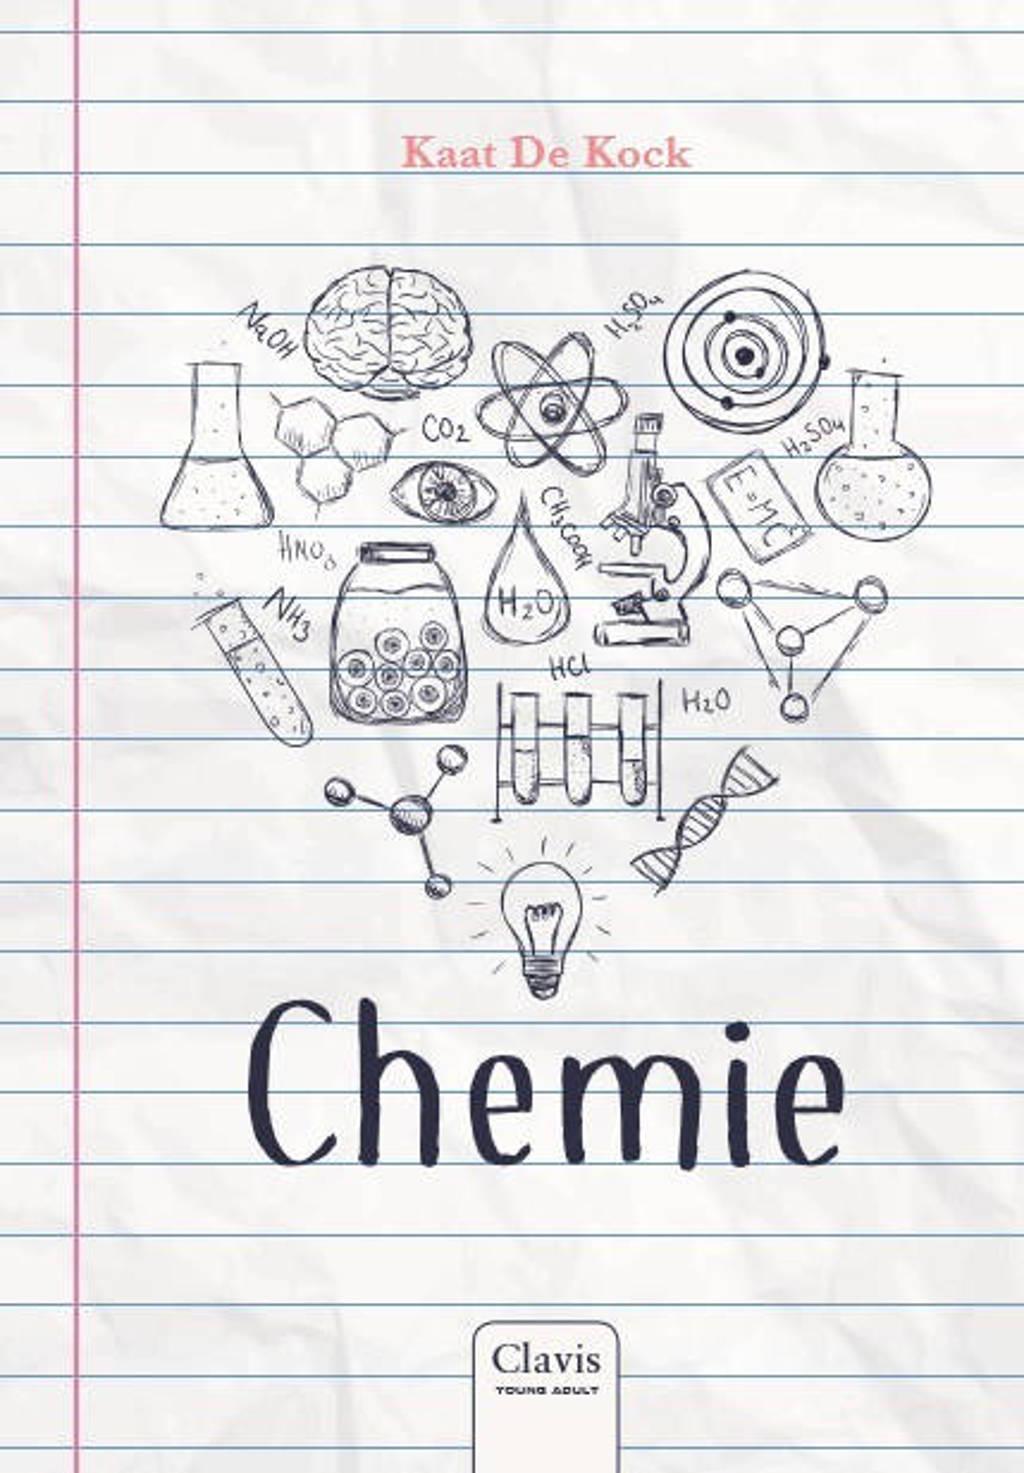 Chemie - Kaat De Kock